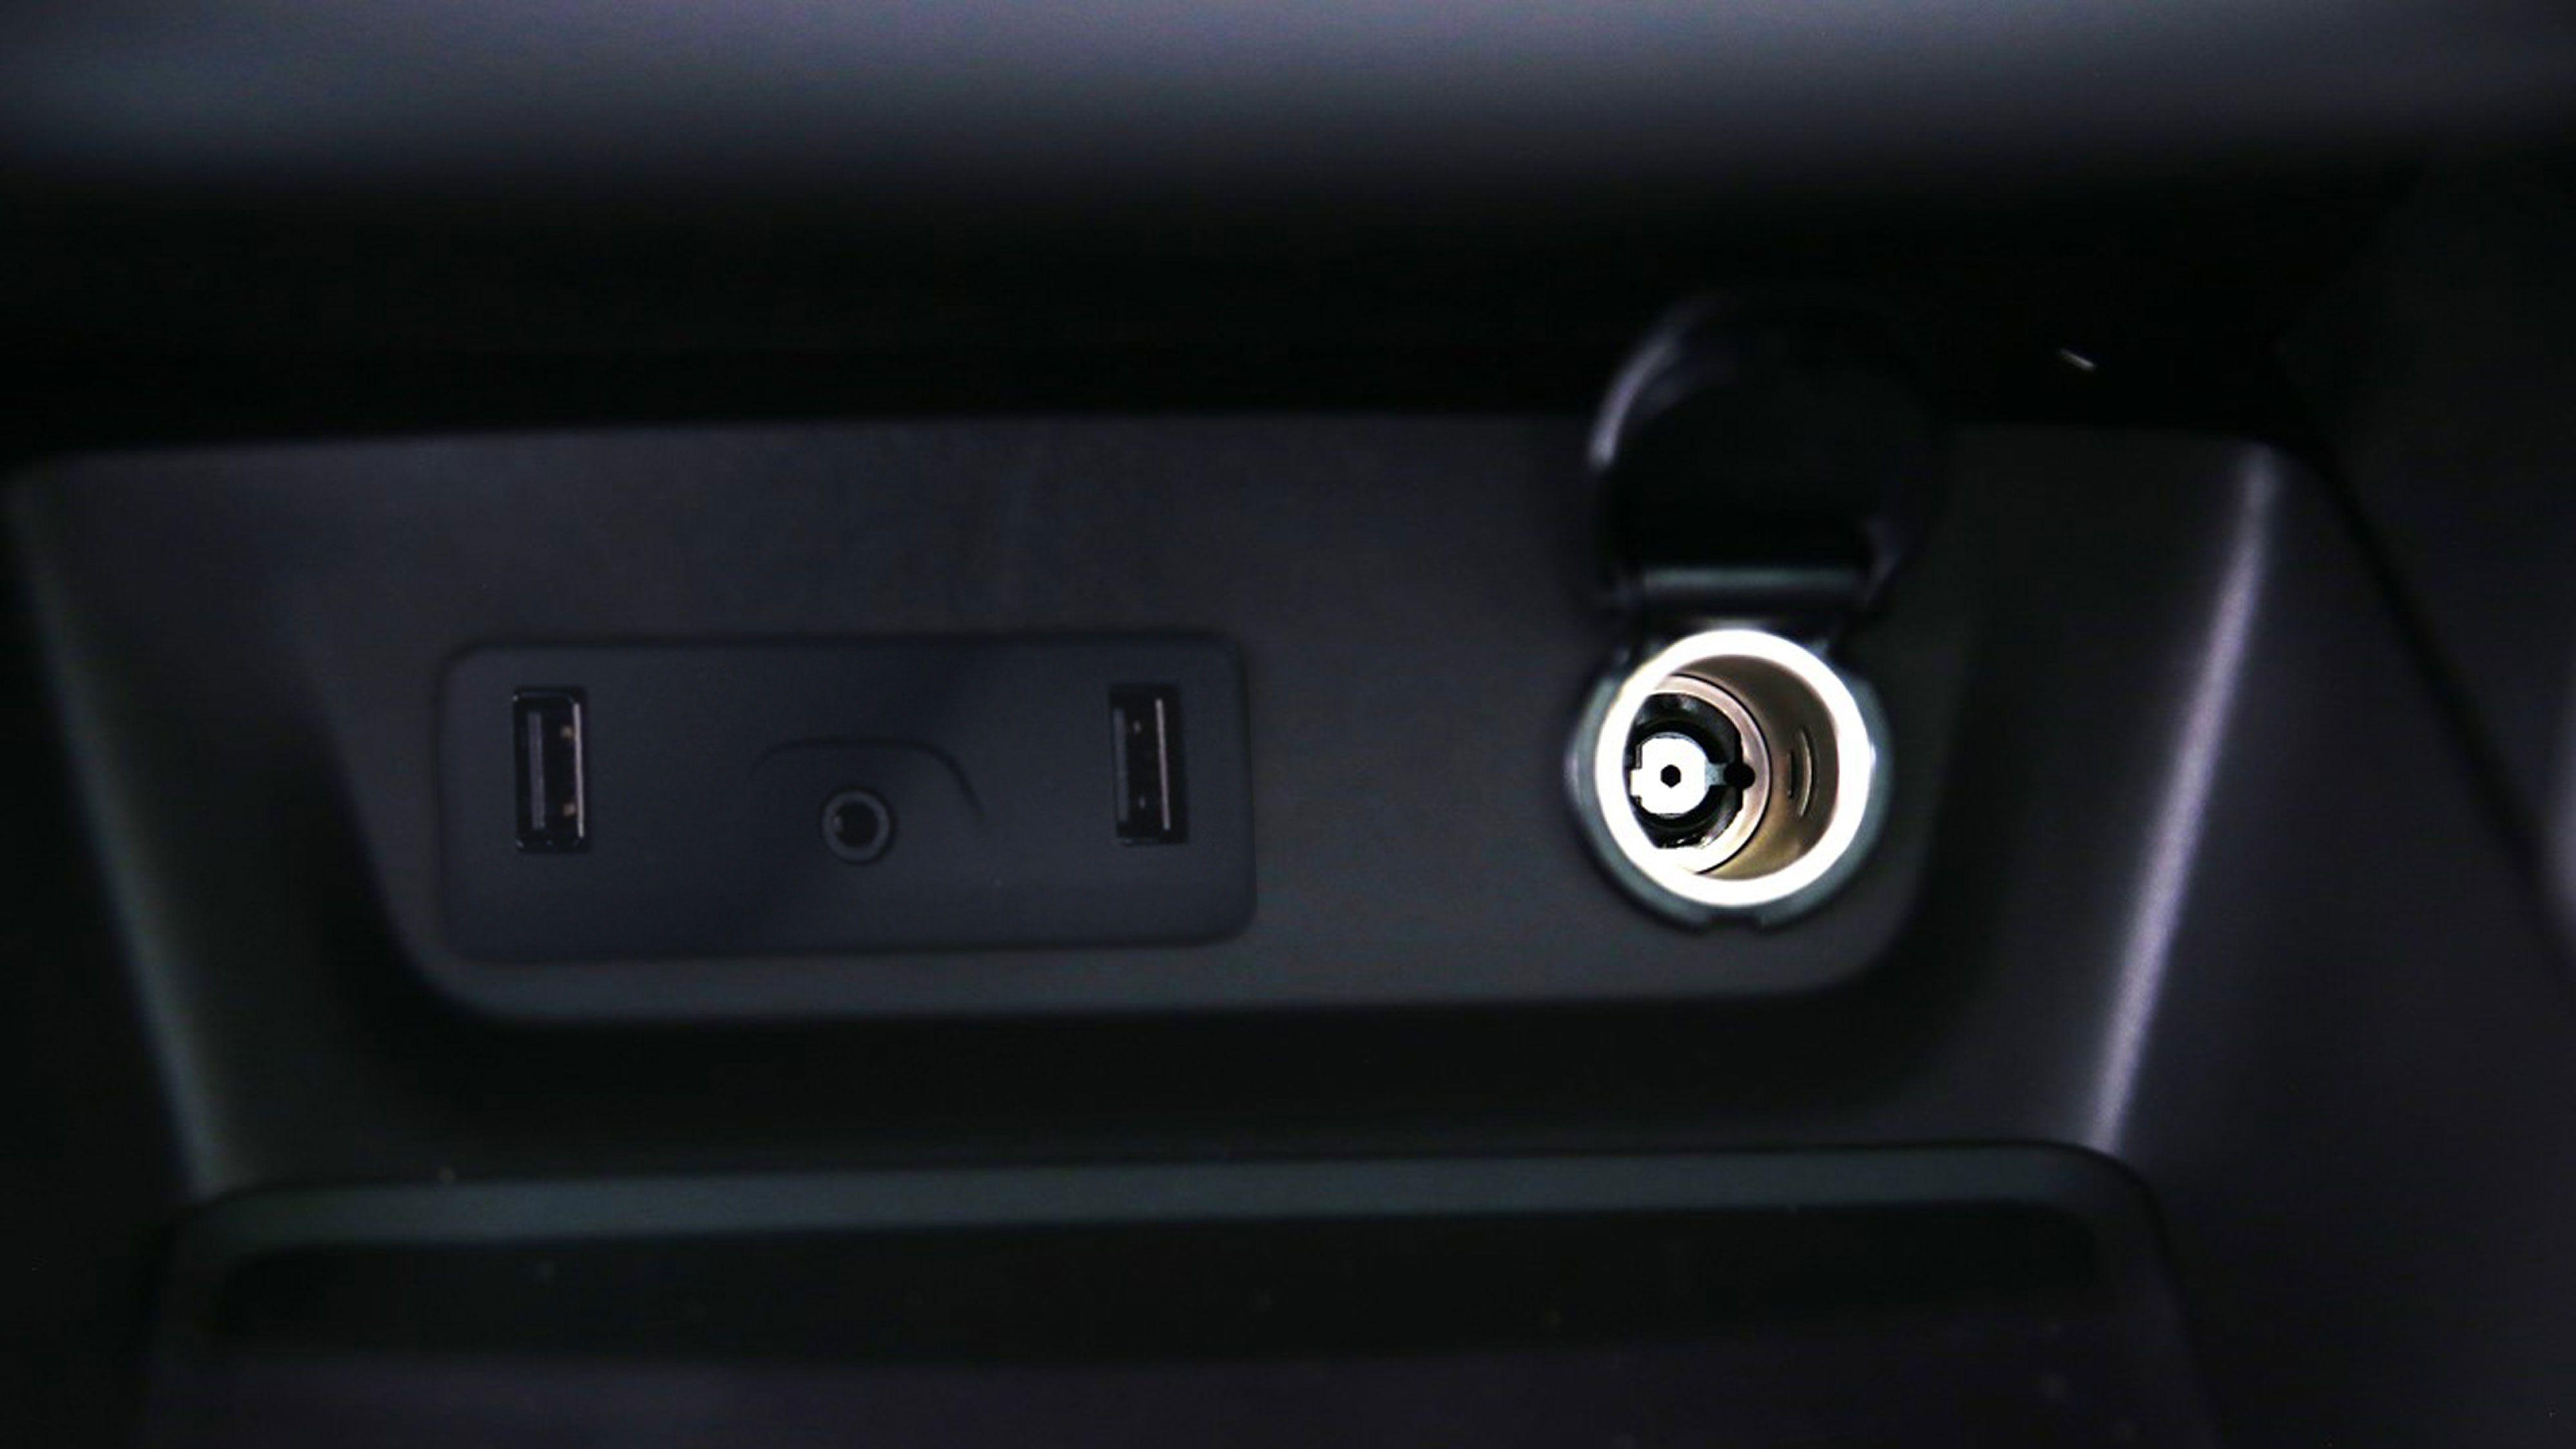 la double prise usb est r serv e aux passagers avant pour la recharge des t l phones renault. Black Bedroom Furniture Sets. Home Design Ideas